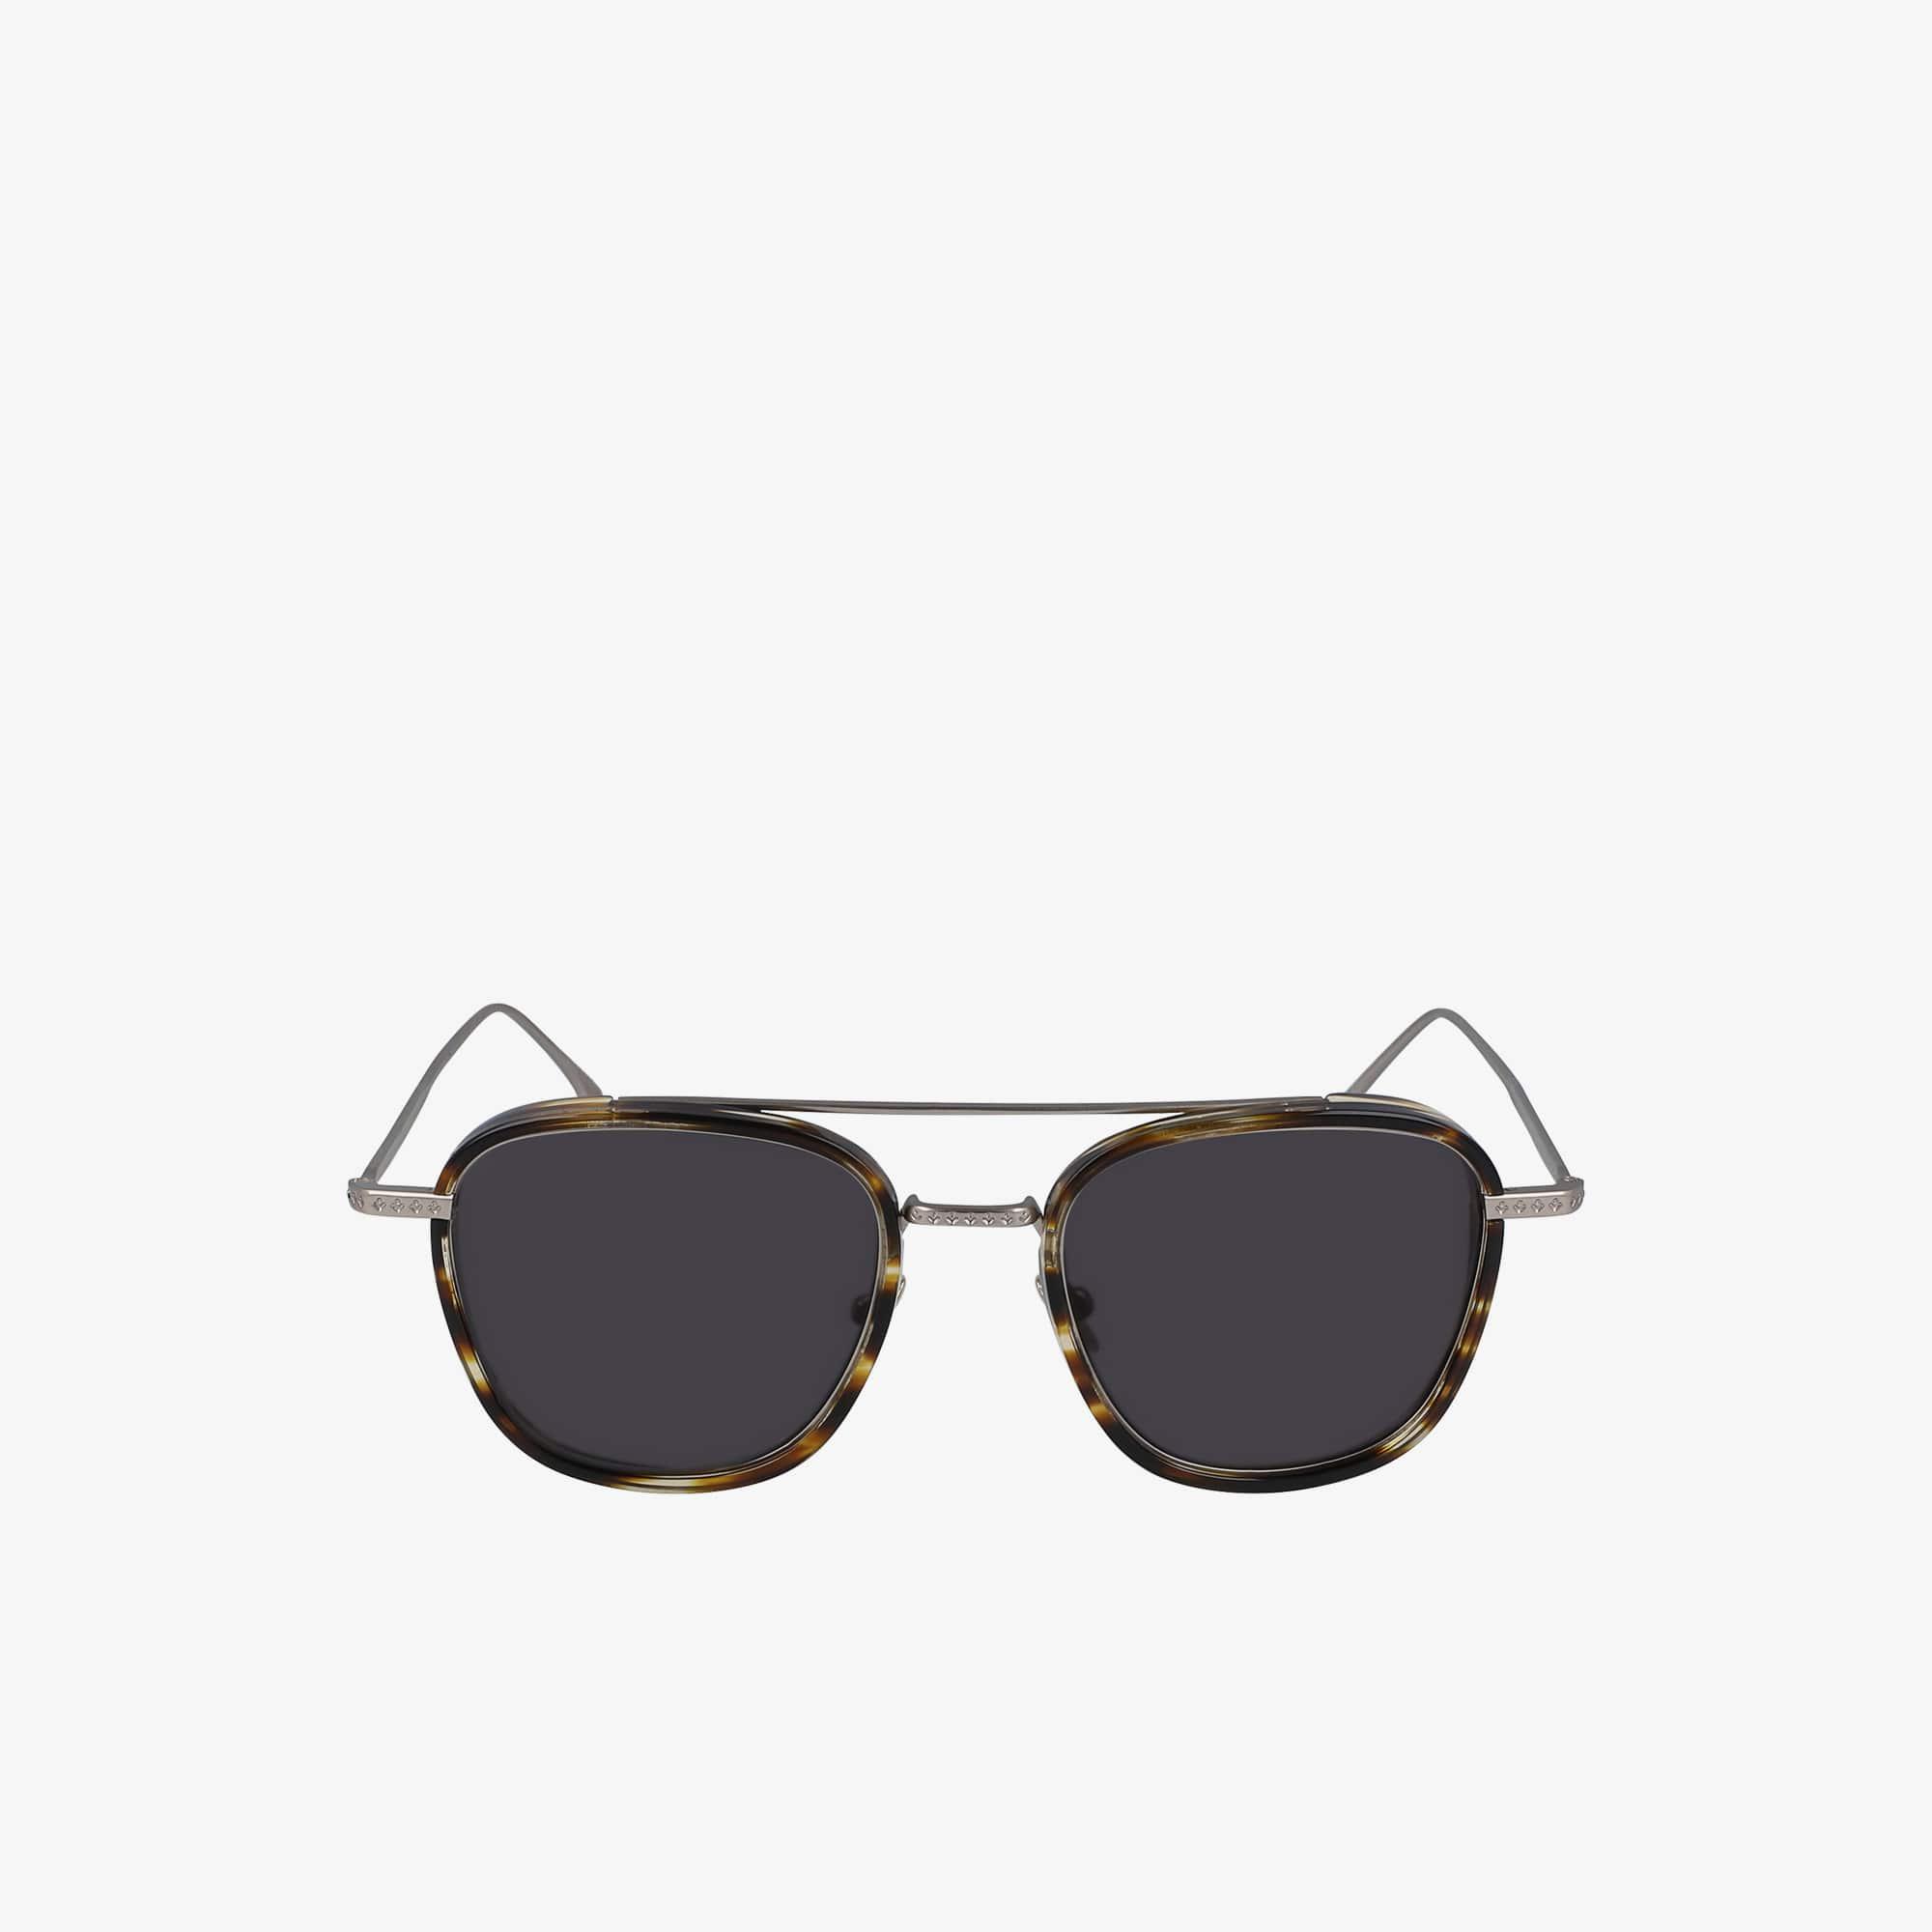 라코스테 X 노박 조코비치 렉탱글 선글라스 Lacoste Modified Rectangle Metal Novak Djokovic Capsule Sunglasses